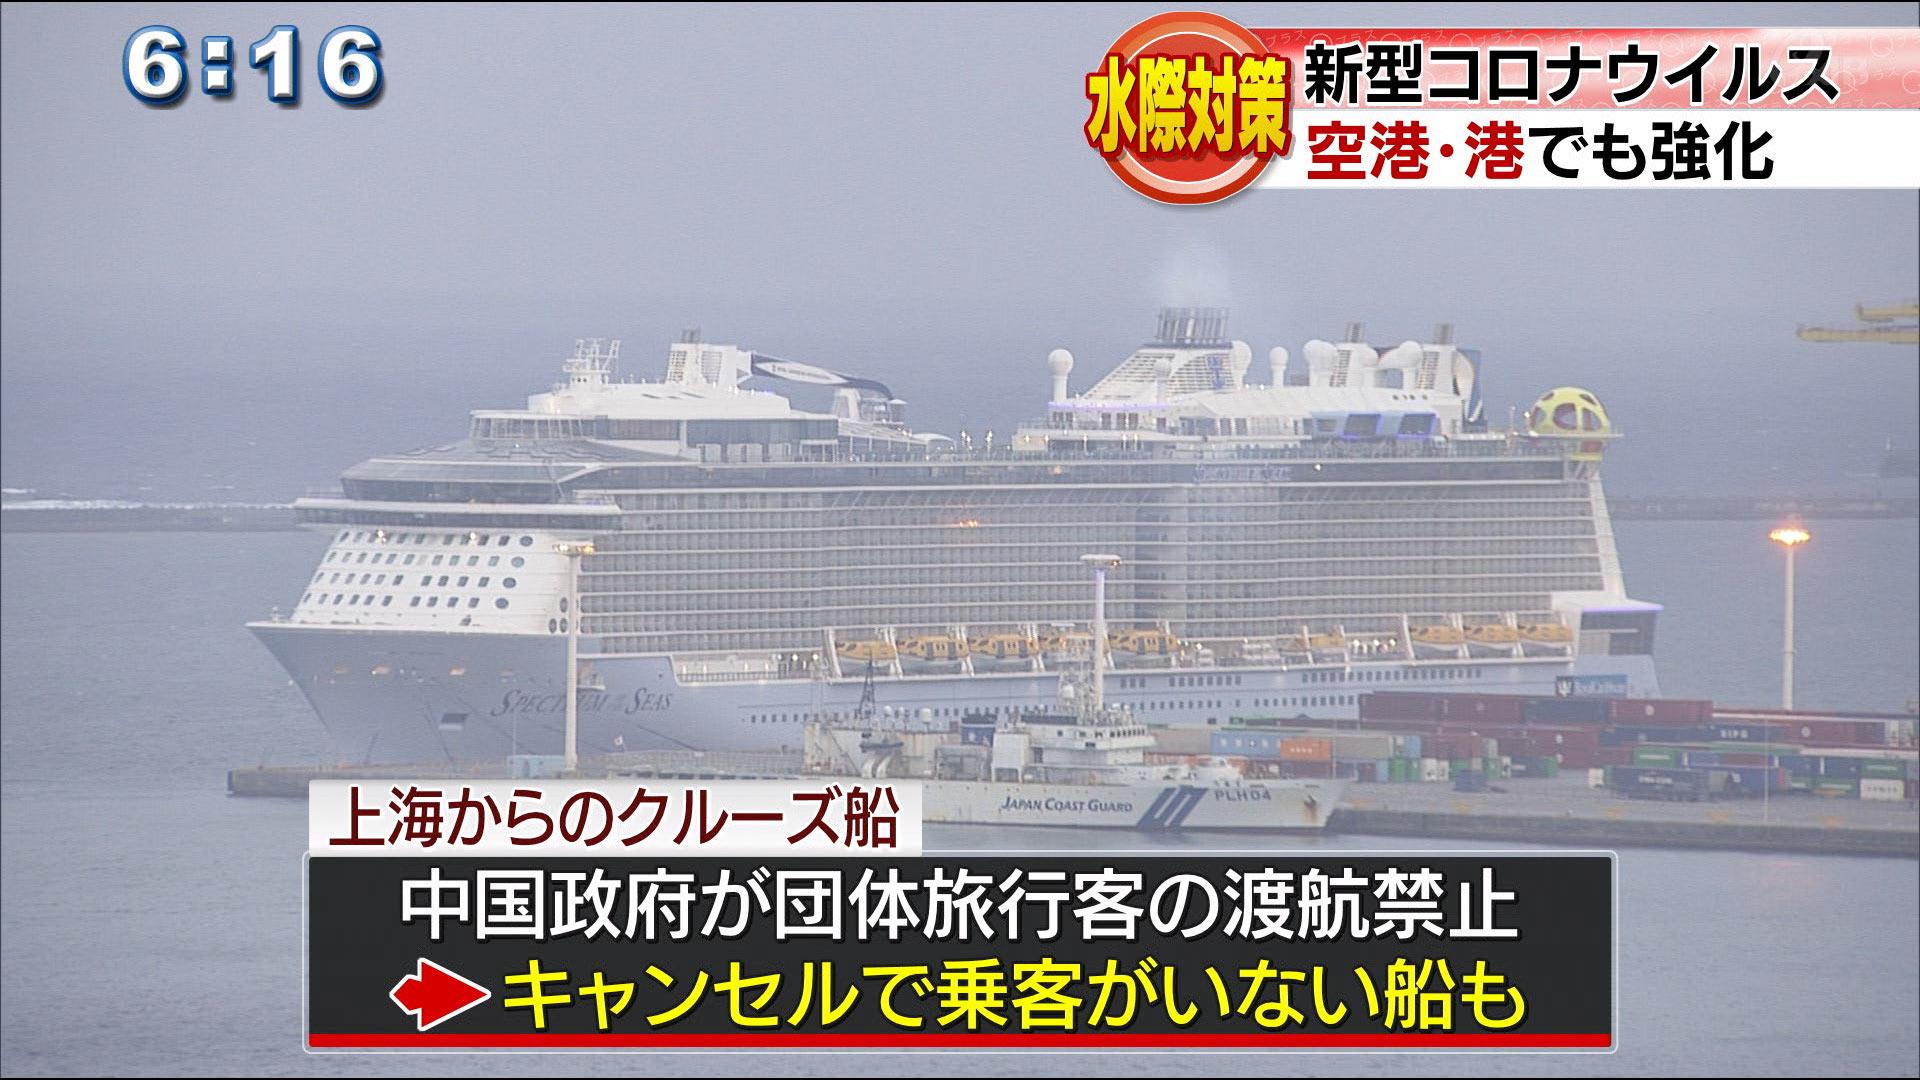 上海から入港したあちらのクルーズ船は、新型コロナウイルスの影響で乗客がいない状態で入港